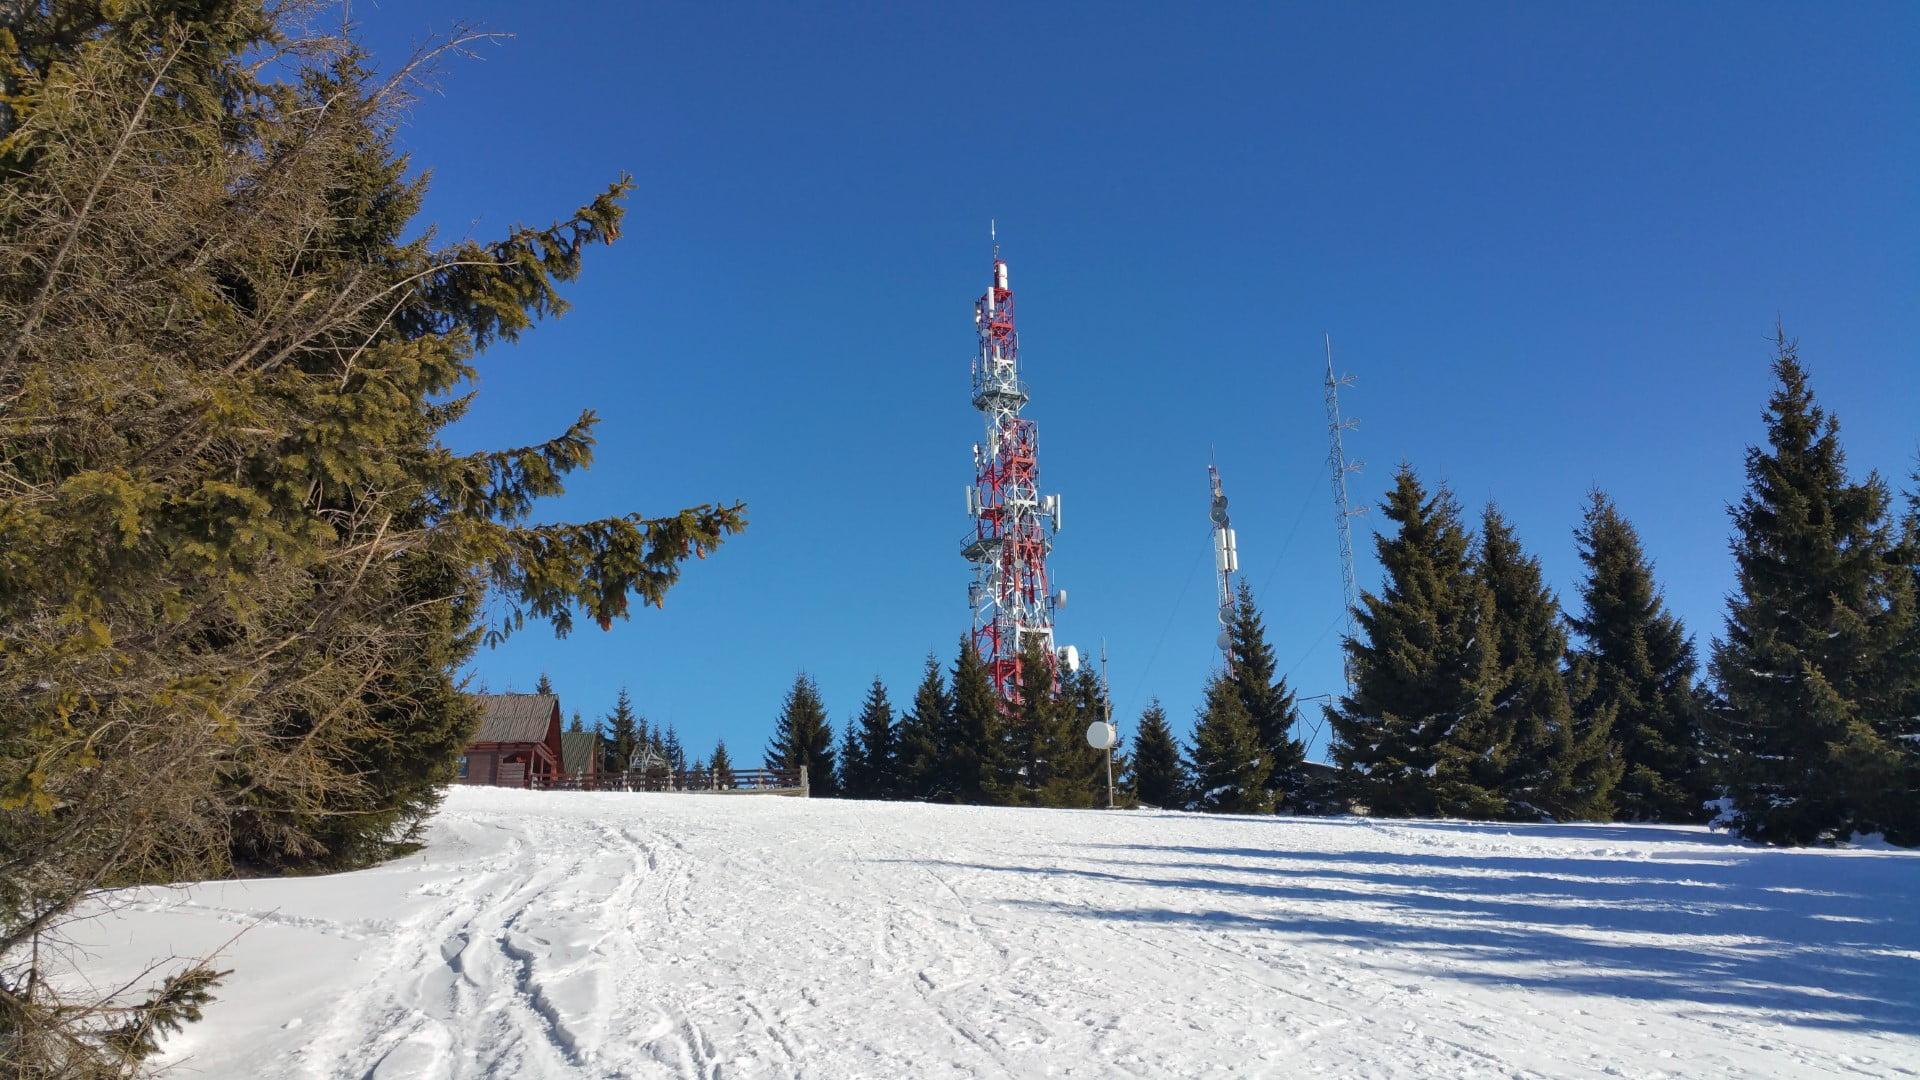 Srbija_Golija_Zimovanje_2021_Odmor_First_minute_autobusom_skijanje_povoljno